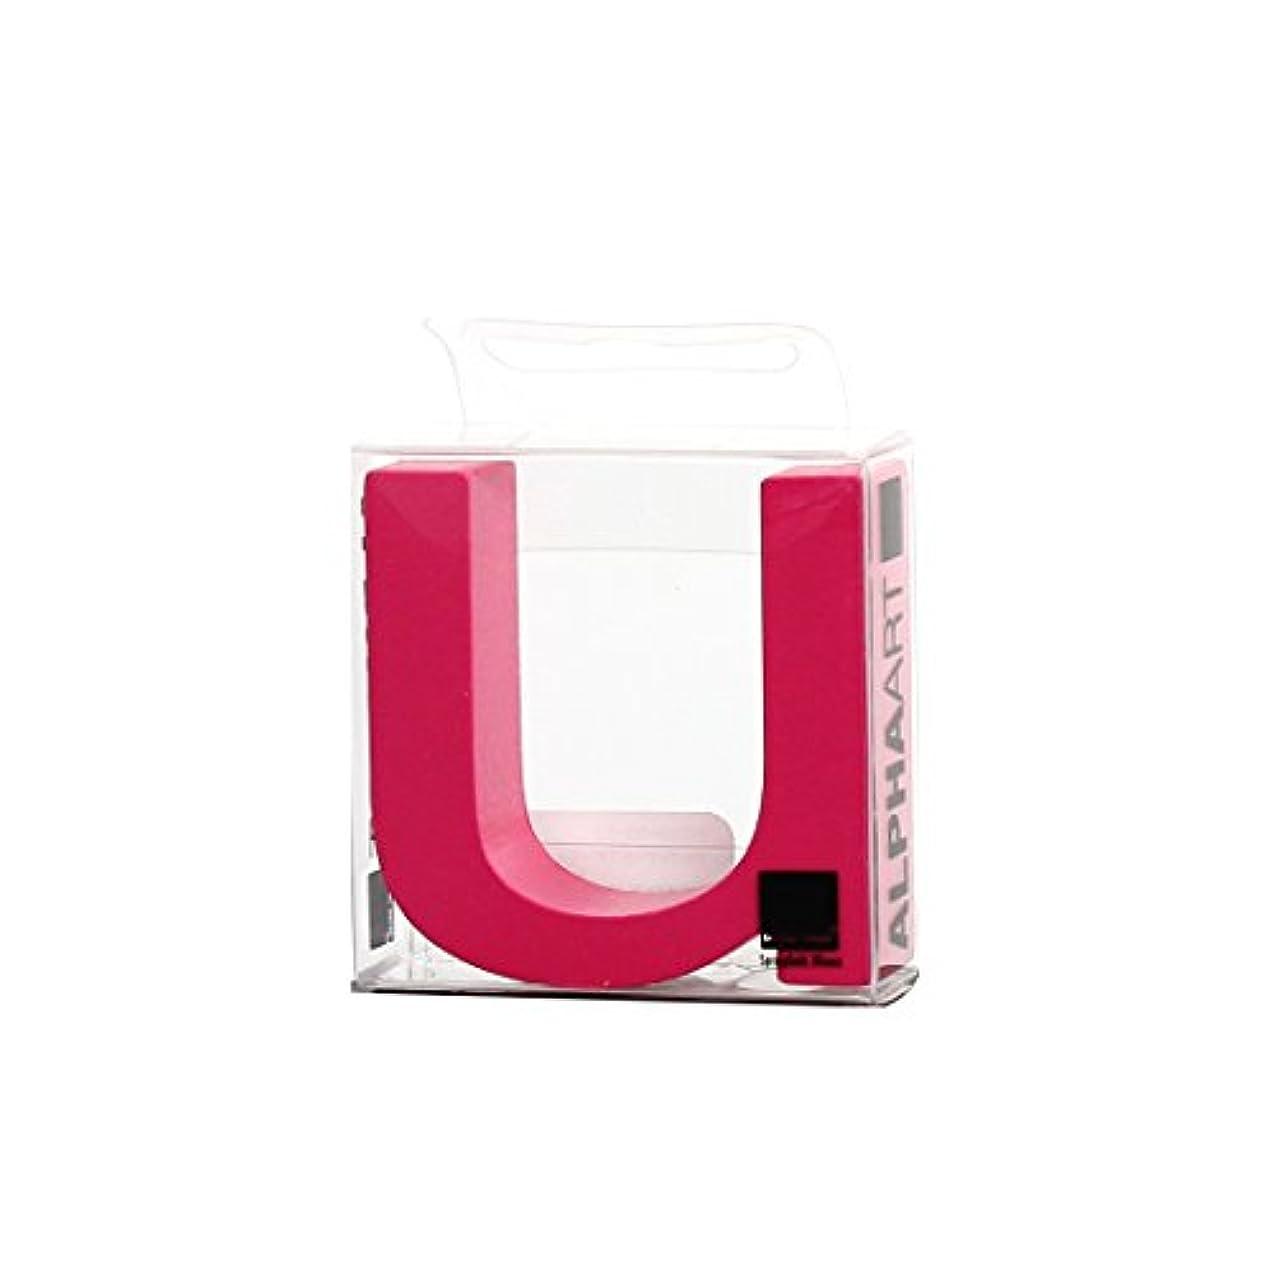 悲しむ蒸し器変形するカメヤマキャンドルハウス アルファベットブロック カラフル  アルファアートスモールu 「 ピンク 」